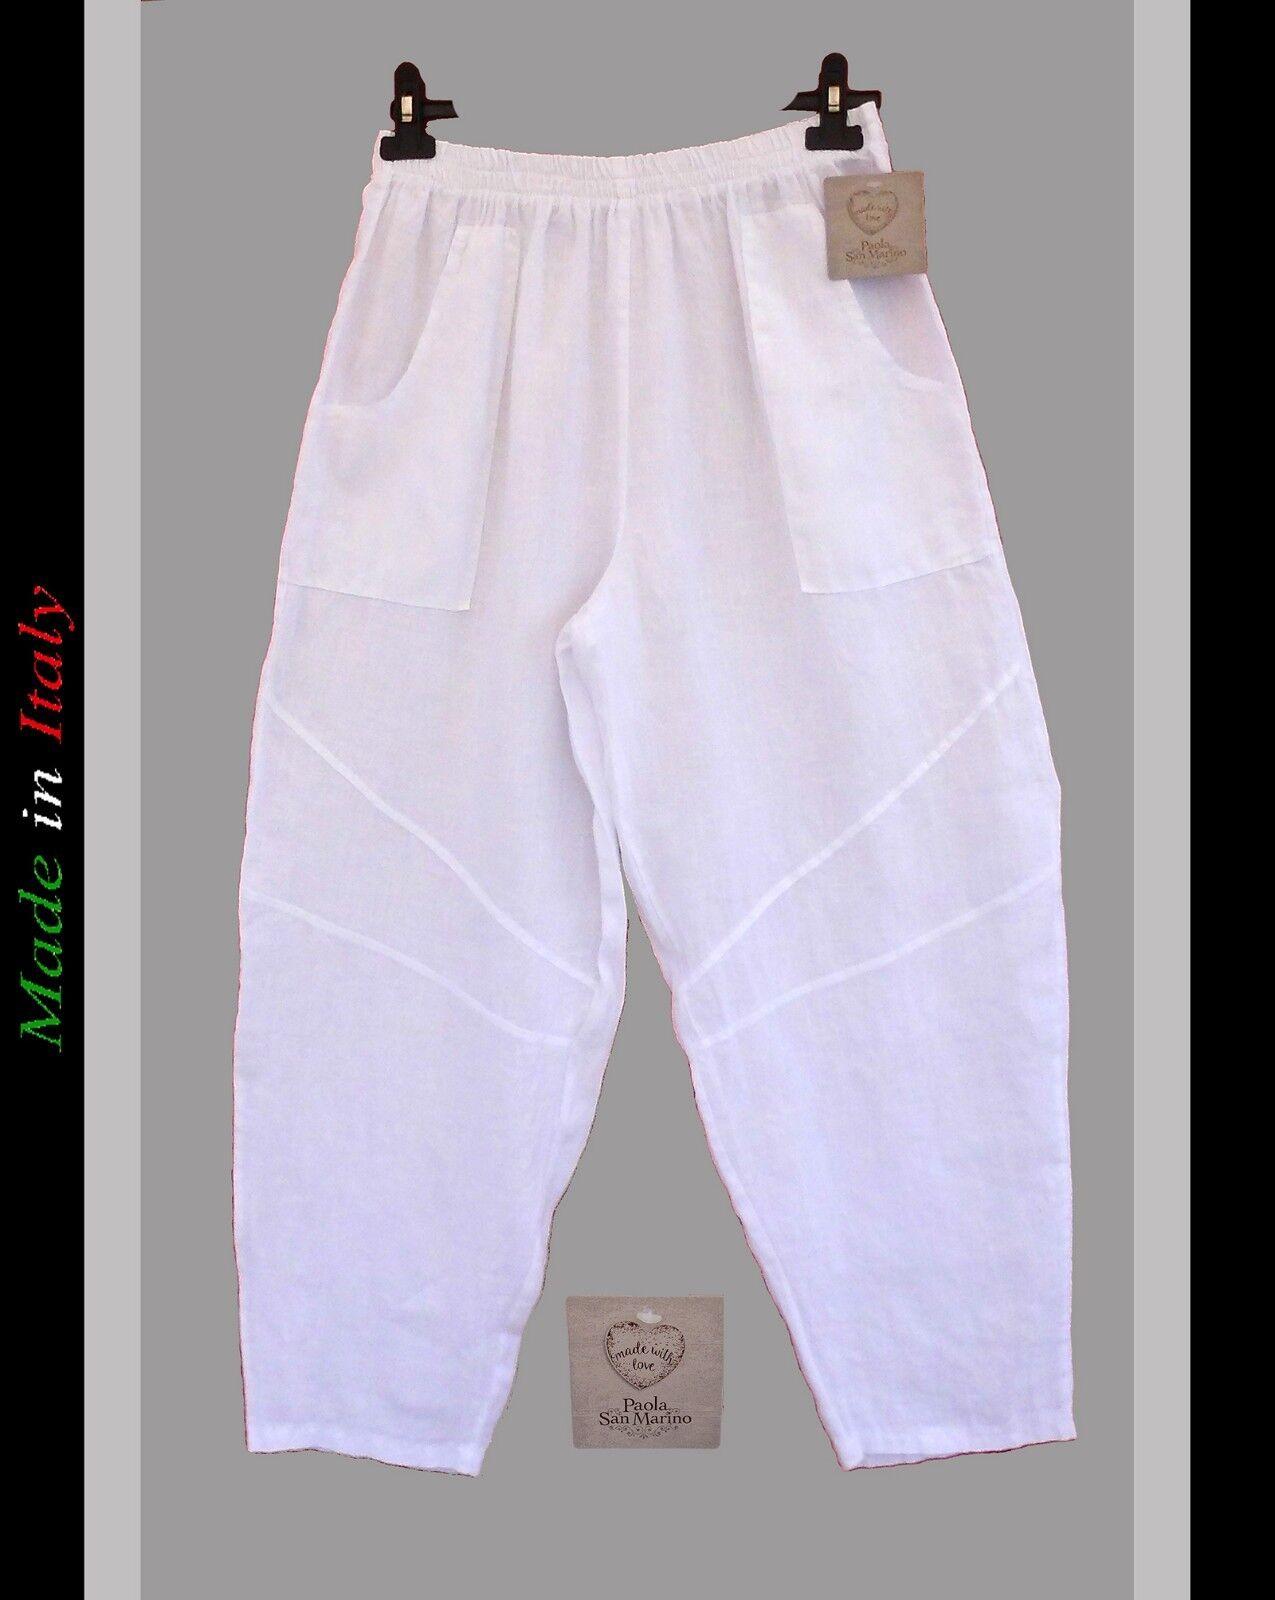 LEINEN HOSE SCHLUPFHOSE WEISS TROUSERS  PANTALON PANTS WEITES BEIN GR.1 42-44